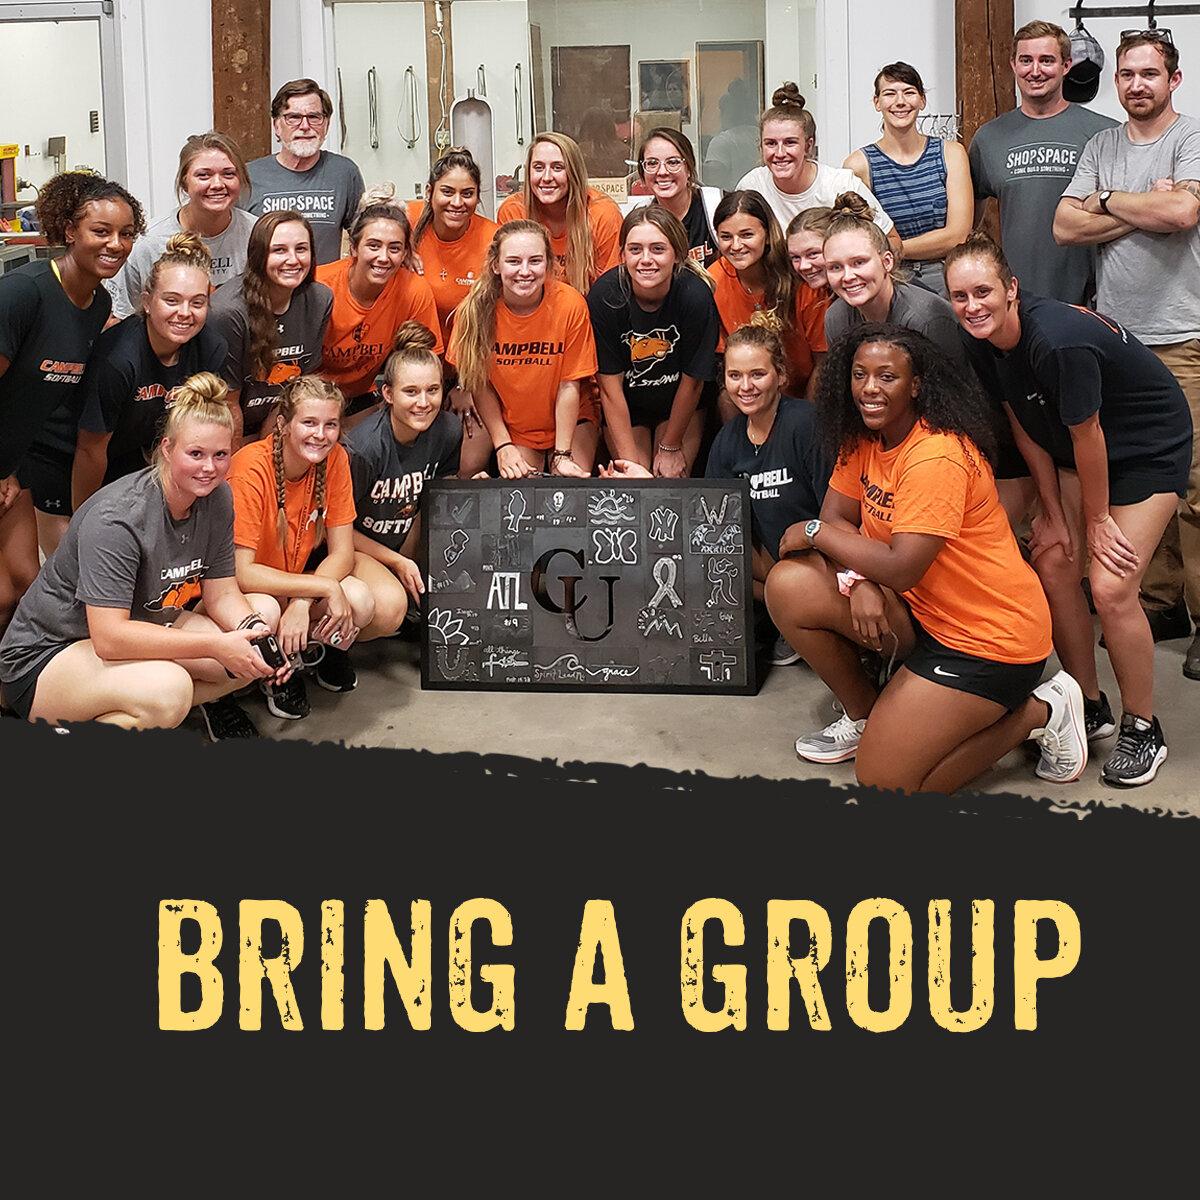 Bring-A-Group.jpg